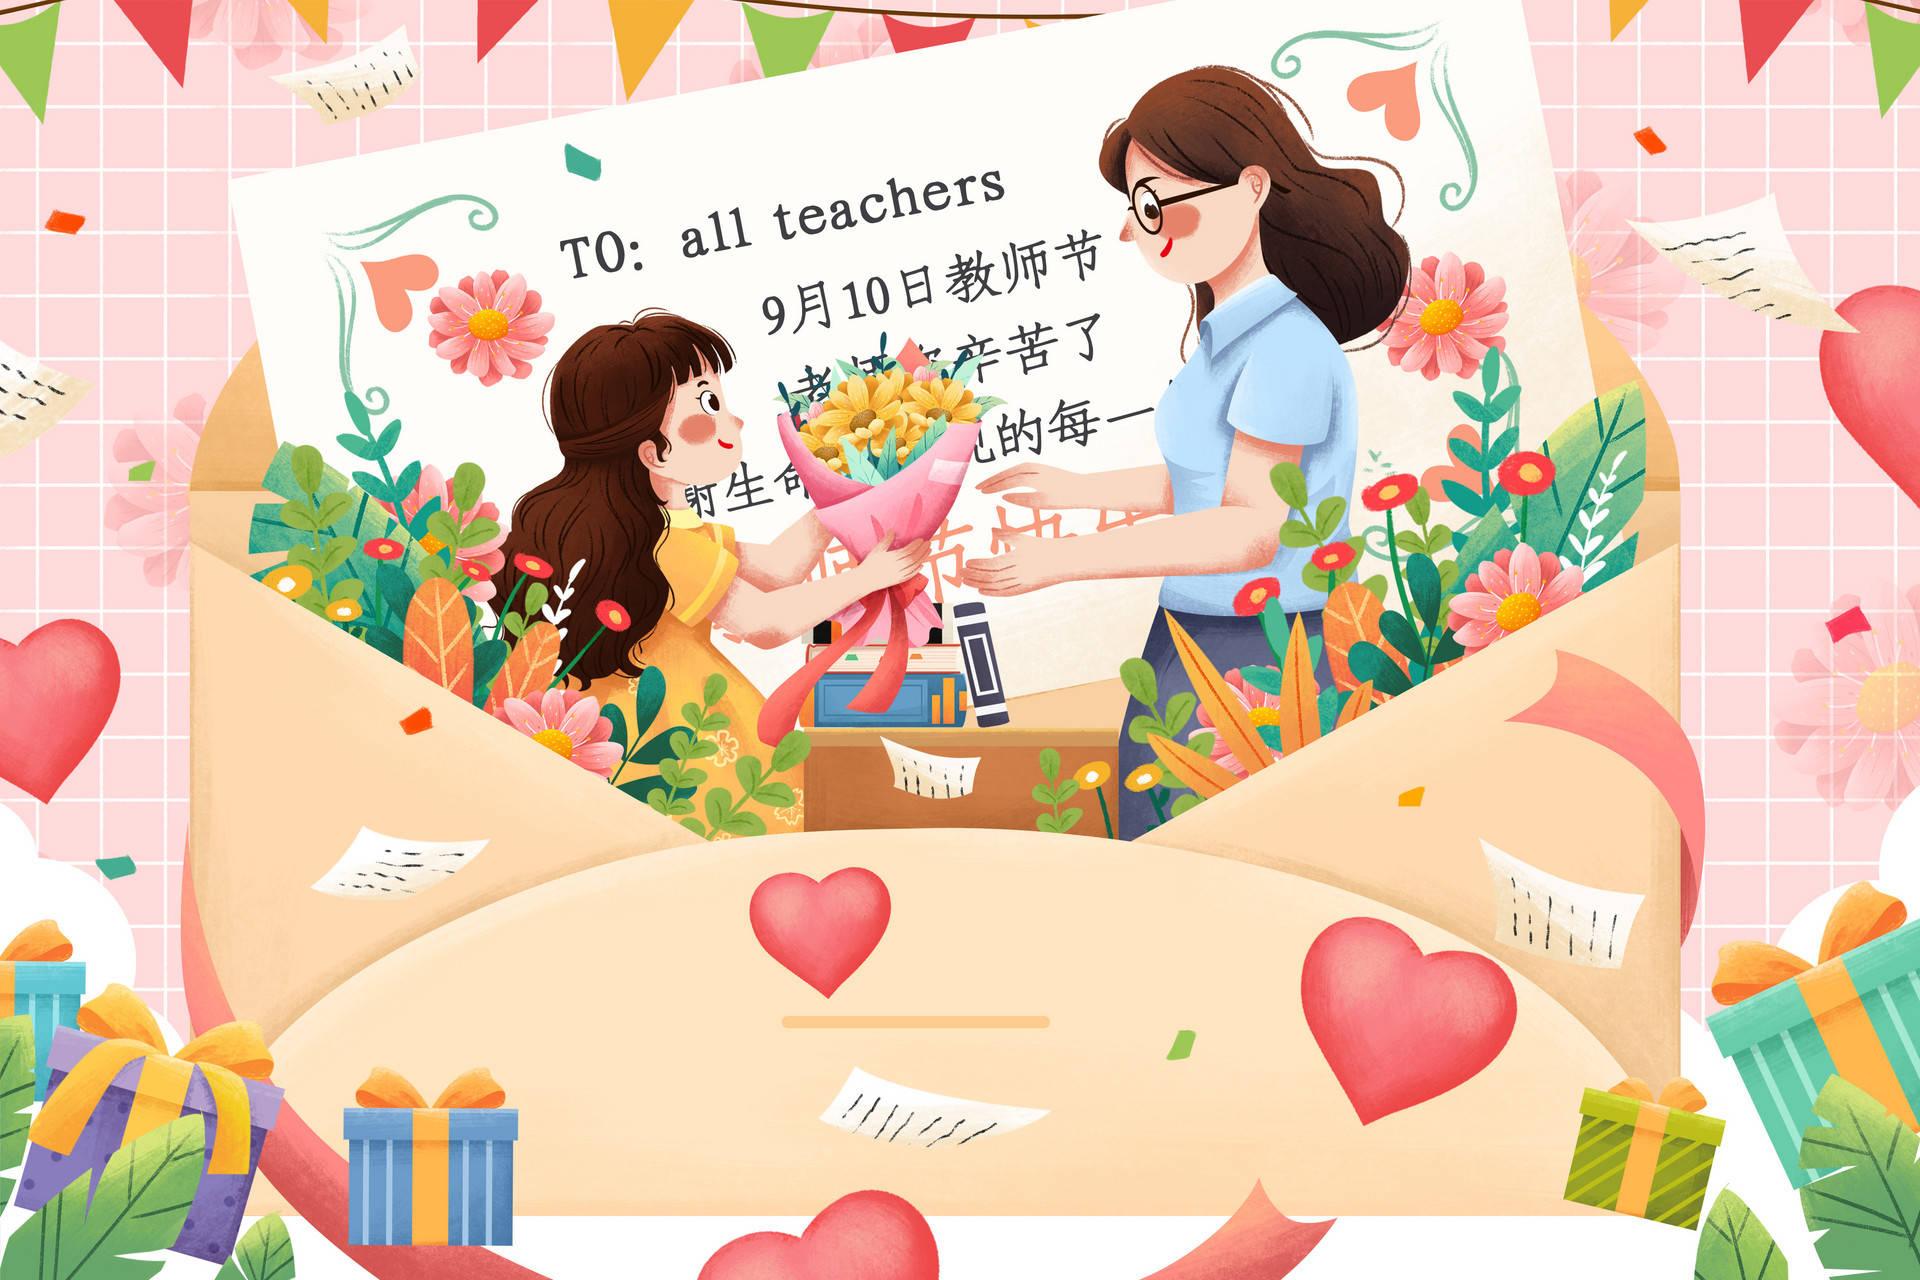 教师节快乐贺卡